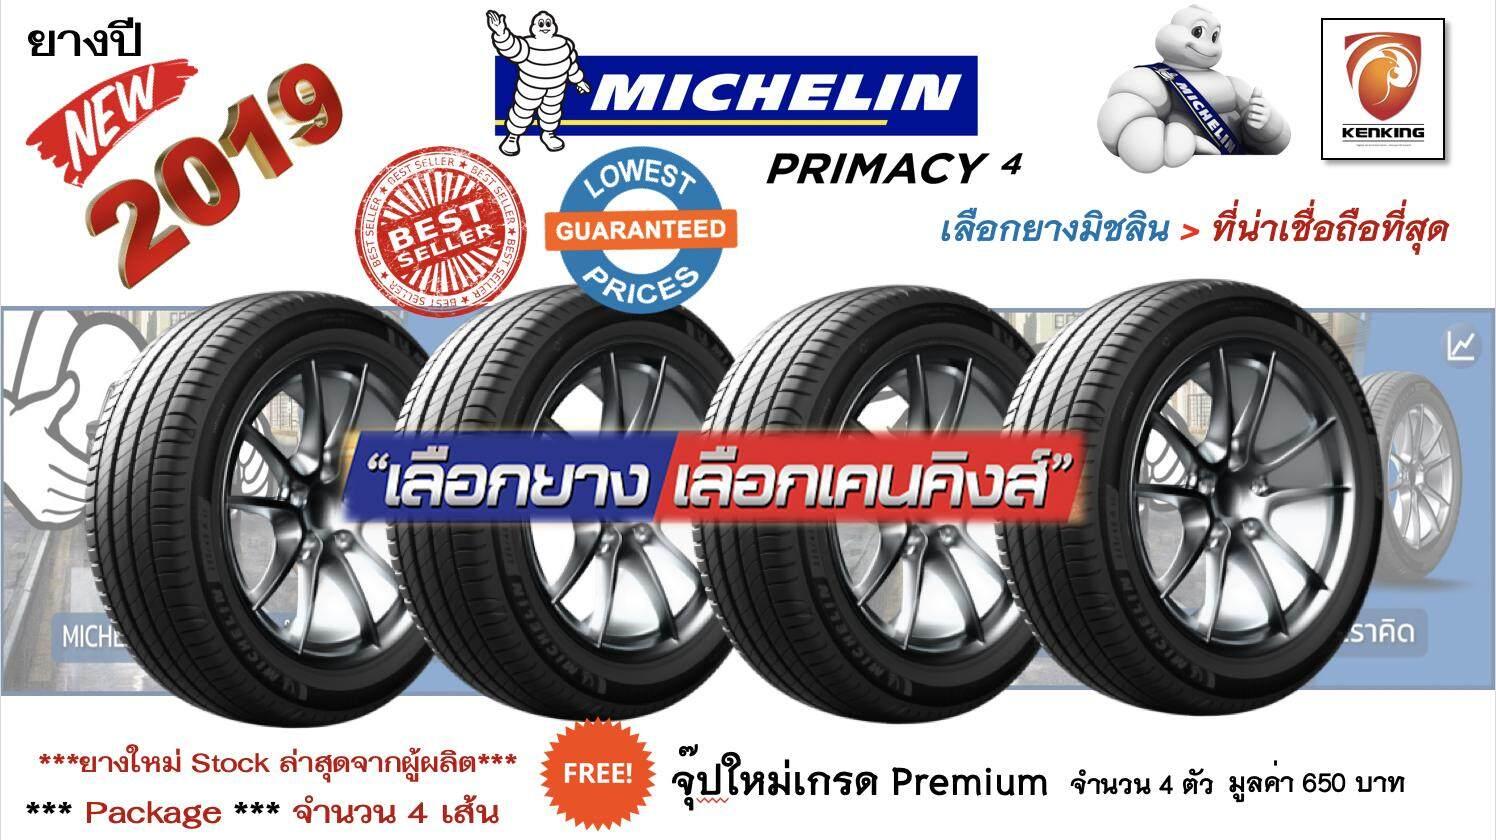 ประกันภัย รถยนต์ แบบ ผ่อน ได้ ลพบุรี ยางรถยนต์ขอบ17 Michelin มิชลิน NEW!! ปี 2019 225/50 R17 Primacy 4 (Shock Price !!) ฟรี!! จุ๊ป Premium 650 บาท